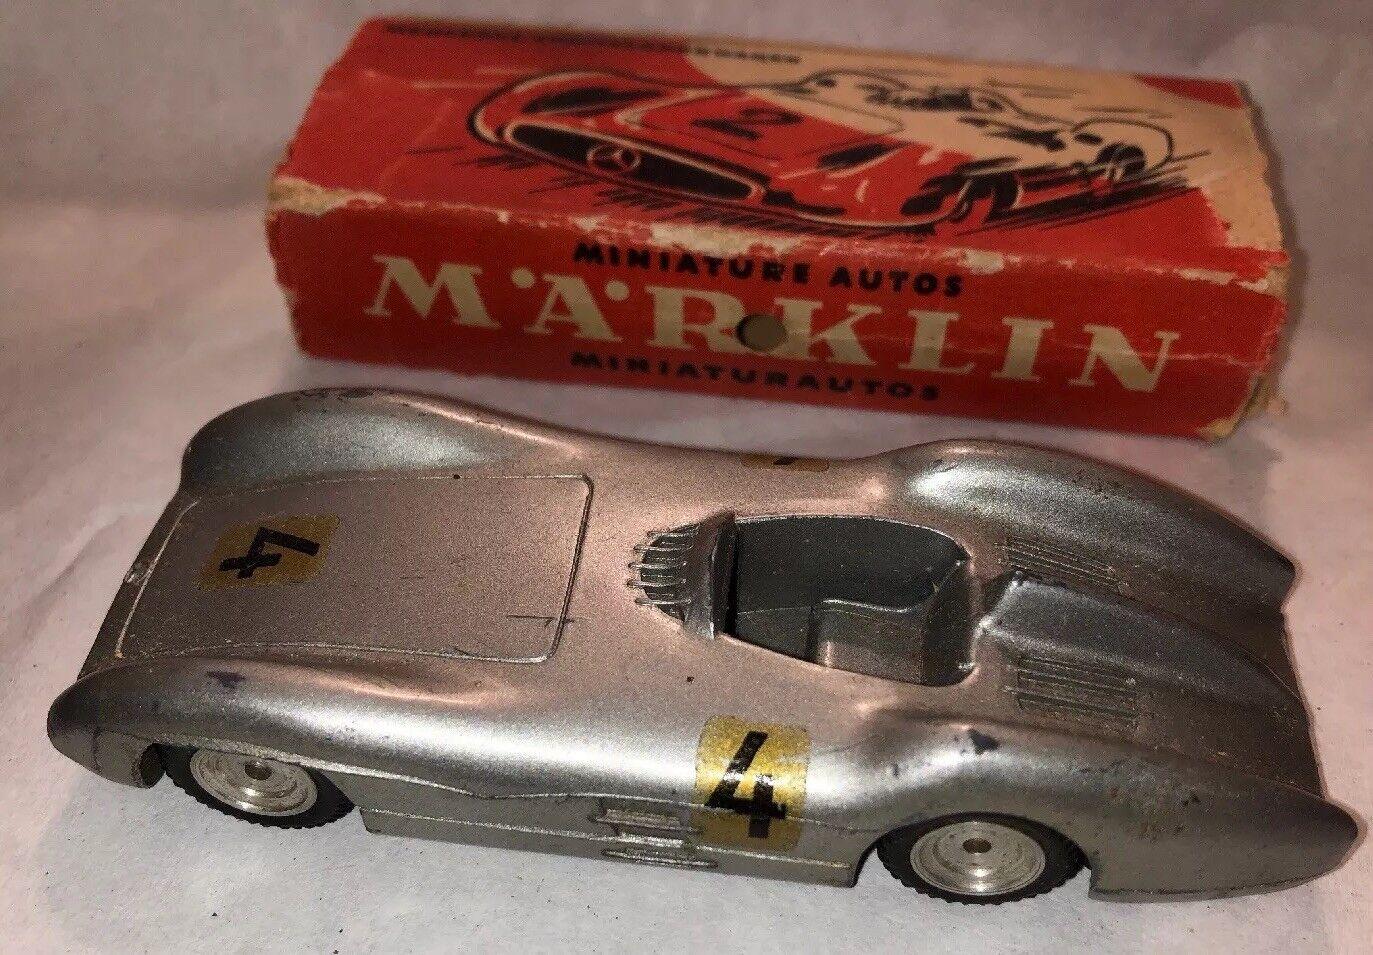 Marklin Mercedes Formelrennwagen Vintage Diecast race Car W Box 5524 11